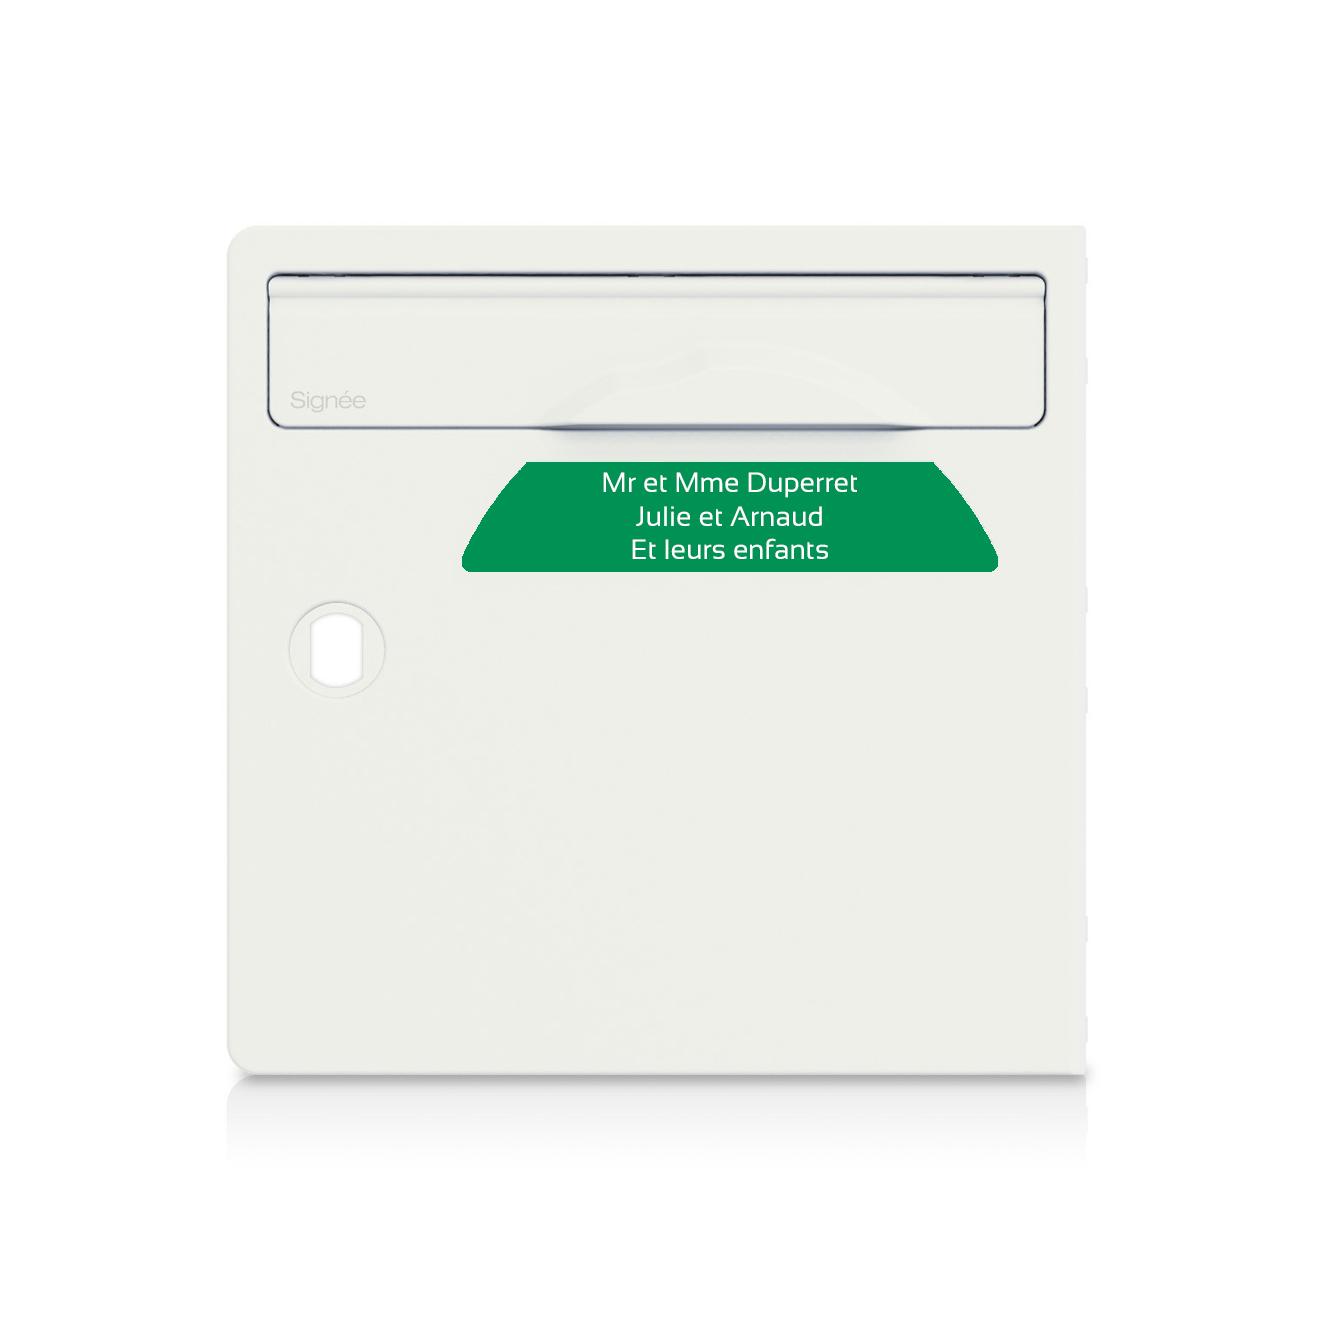 Plaque boite aux lettres Signée vert pomme lettres blanches - 3 lignes